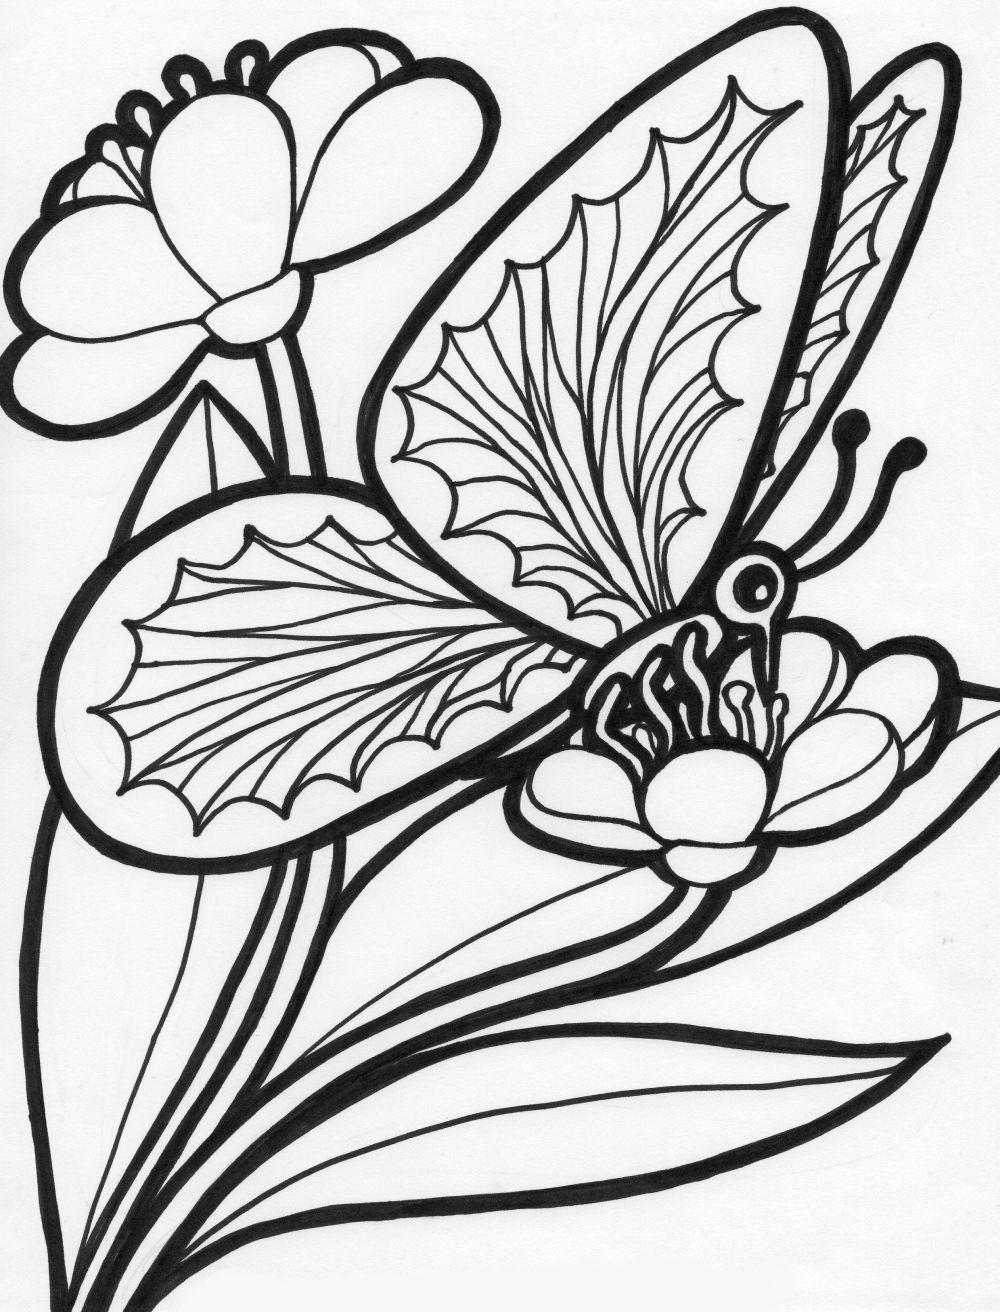 mariposas para imprimir gratis | Varios | Pinterest | Mariposas para ...